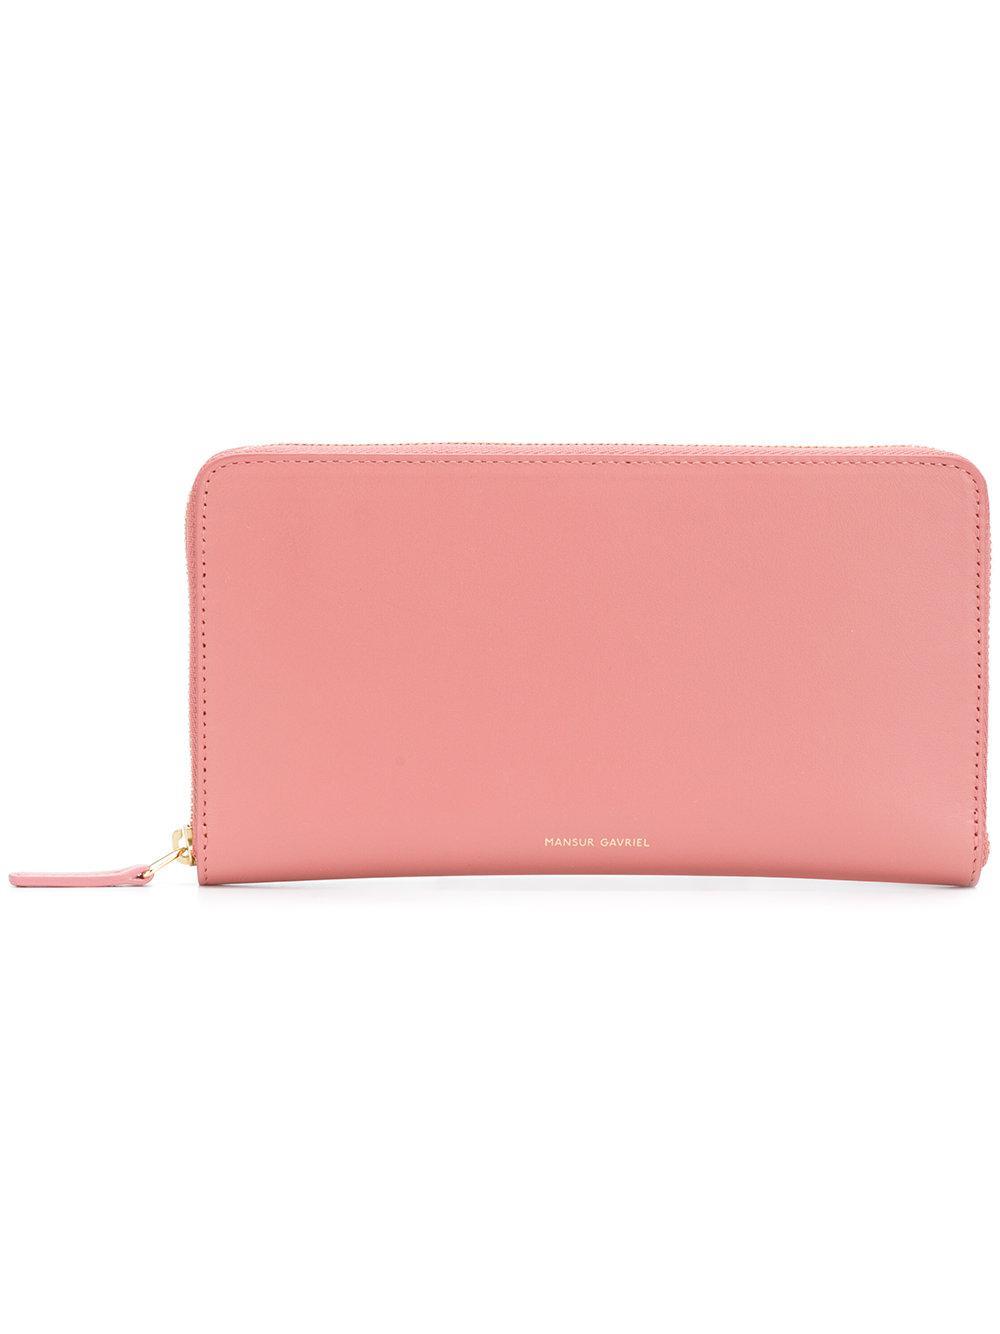 Zip-around leather wallet Mansur Gavriel 7SylU